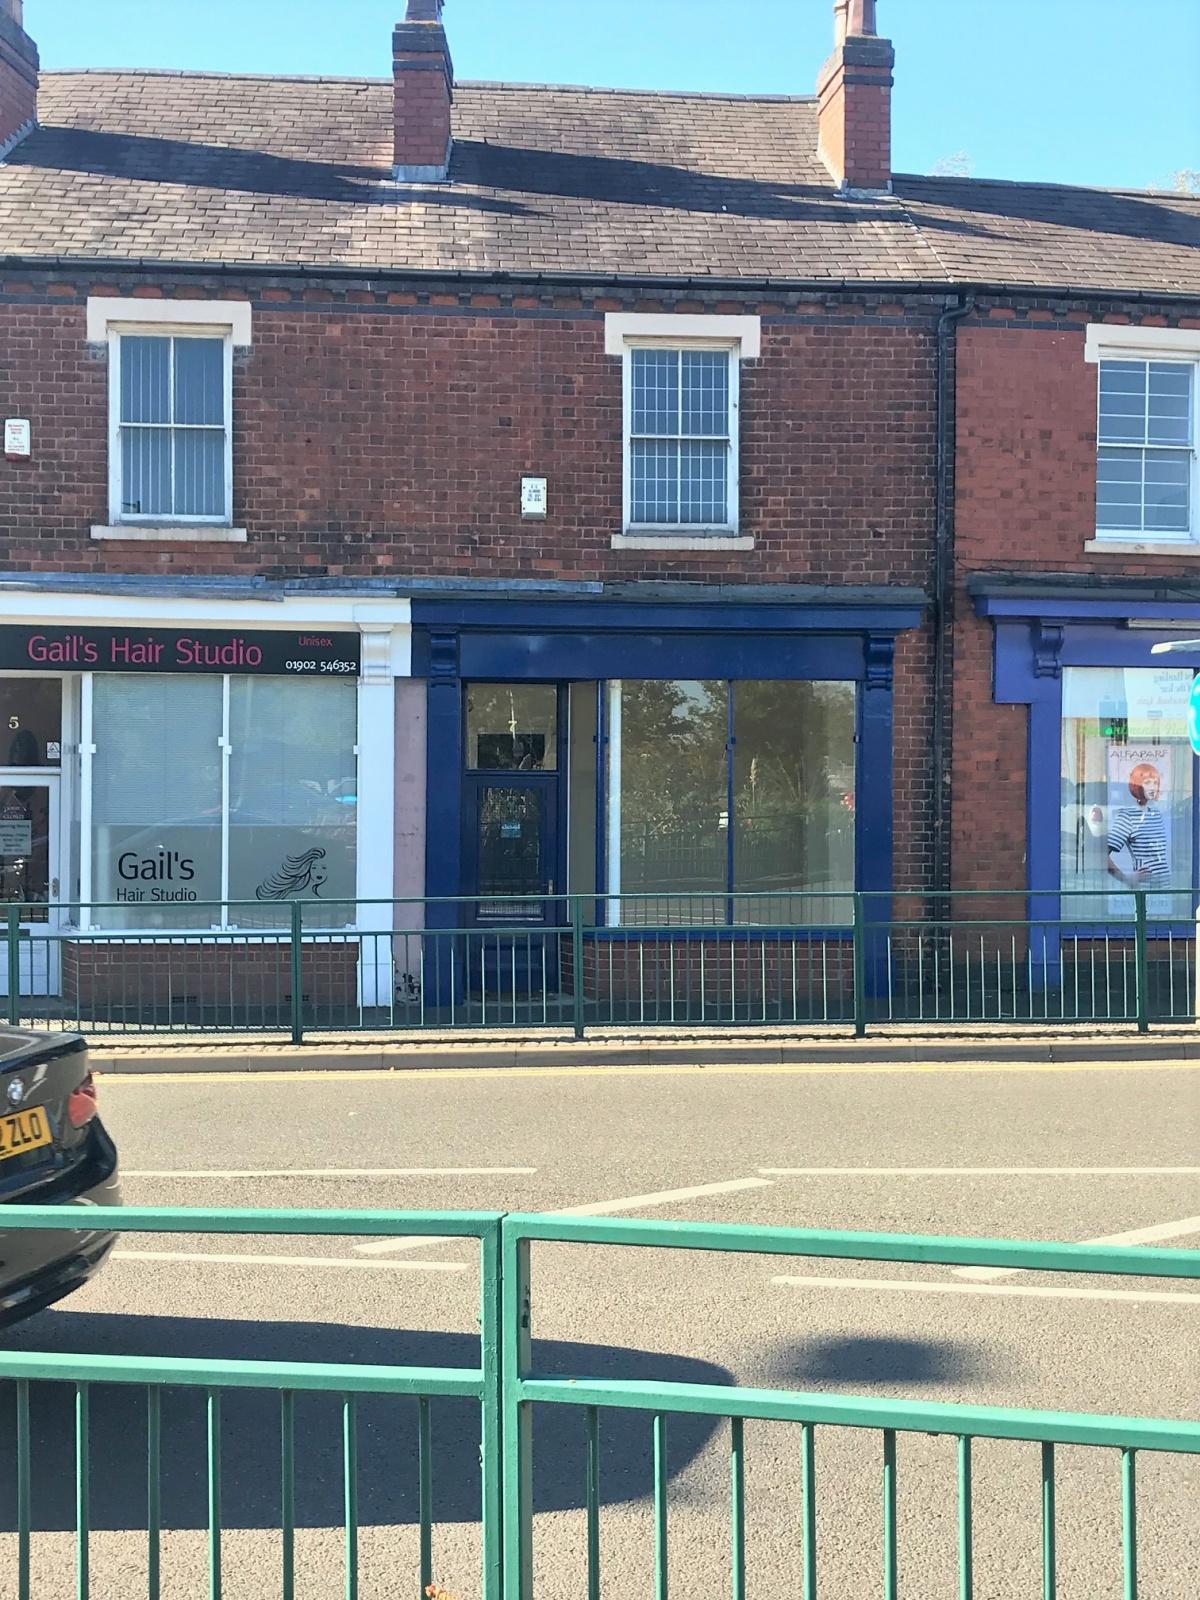 7, High Street, Wednesfield, West Midlands